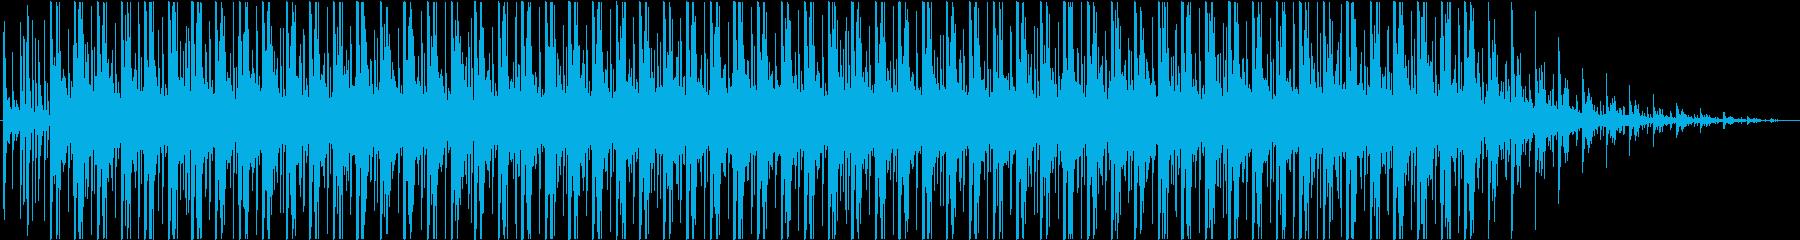 緊張感の中のシリアスなBGMの再生済みの波形